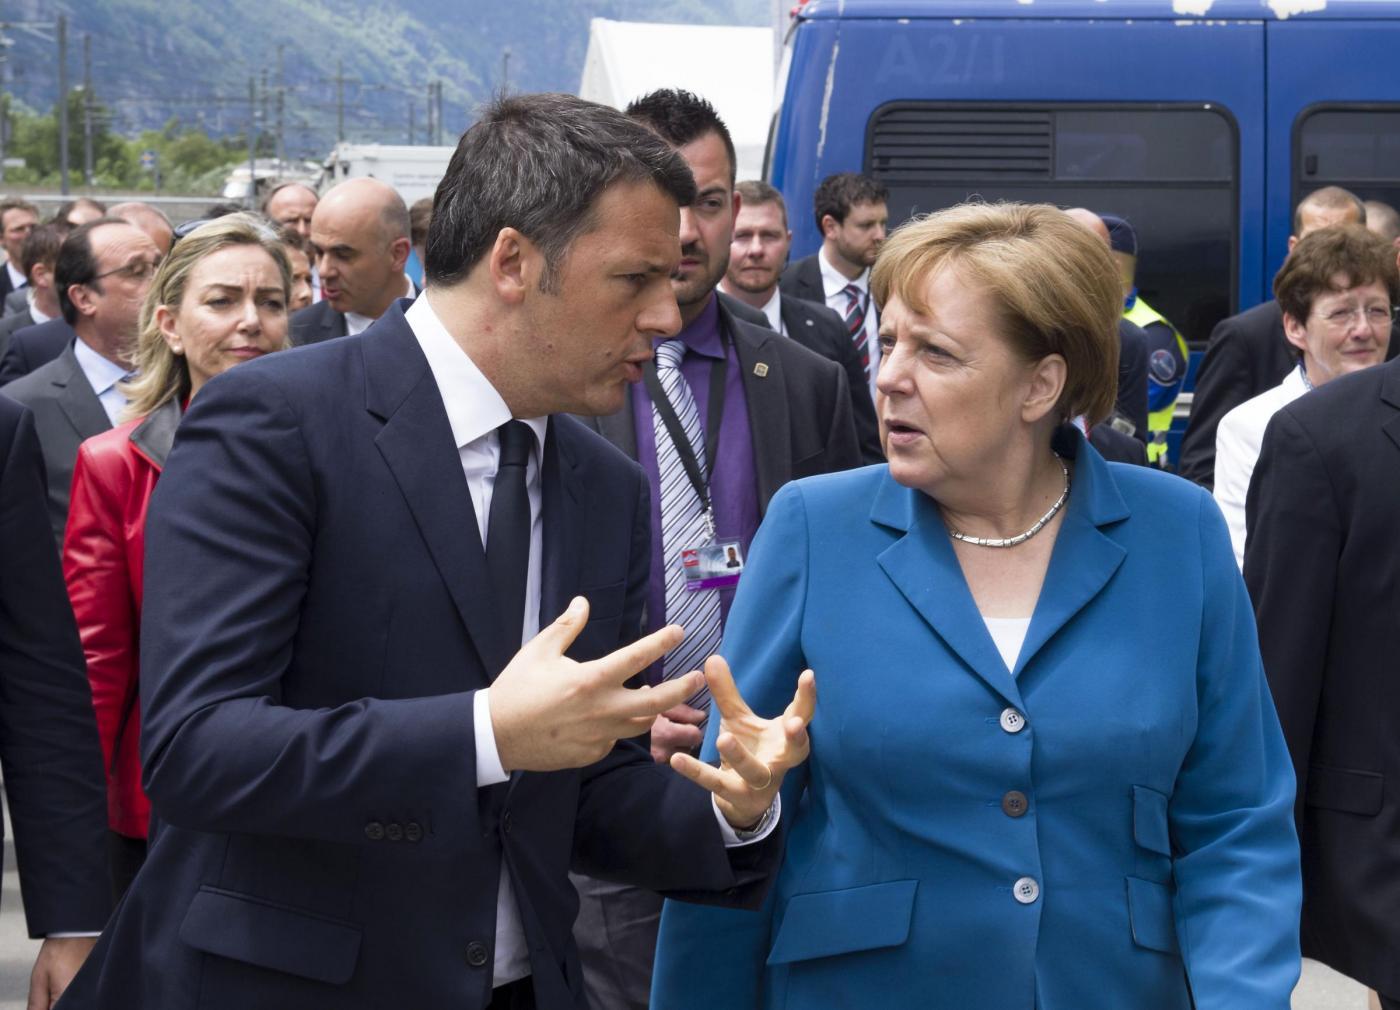 Angela Merkel bacchetta l'Italia: 'Le regole del settore bancario non si ridiscutono'